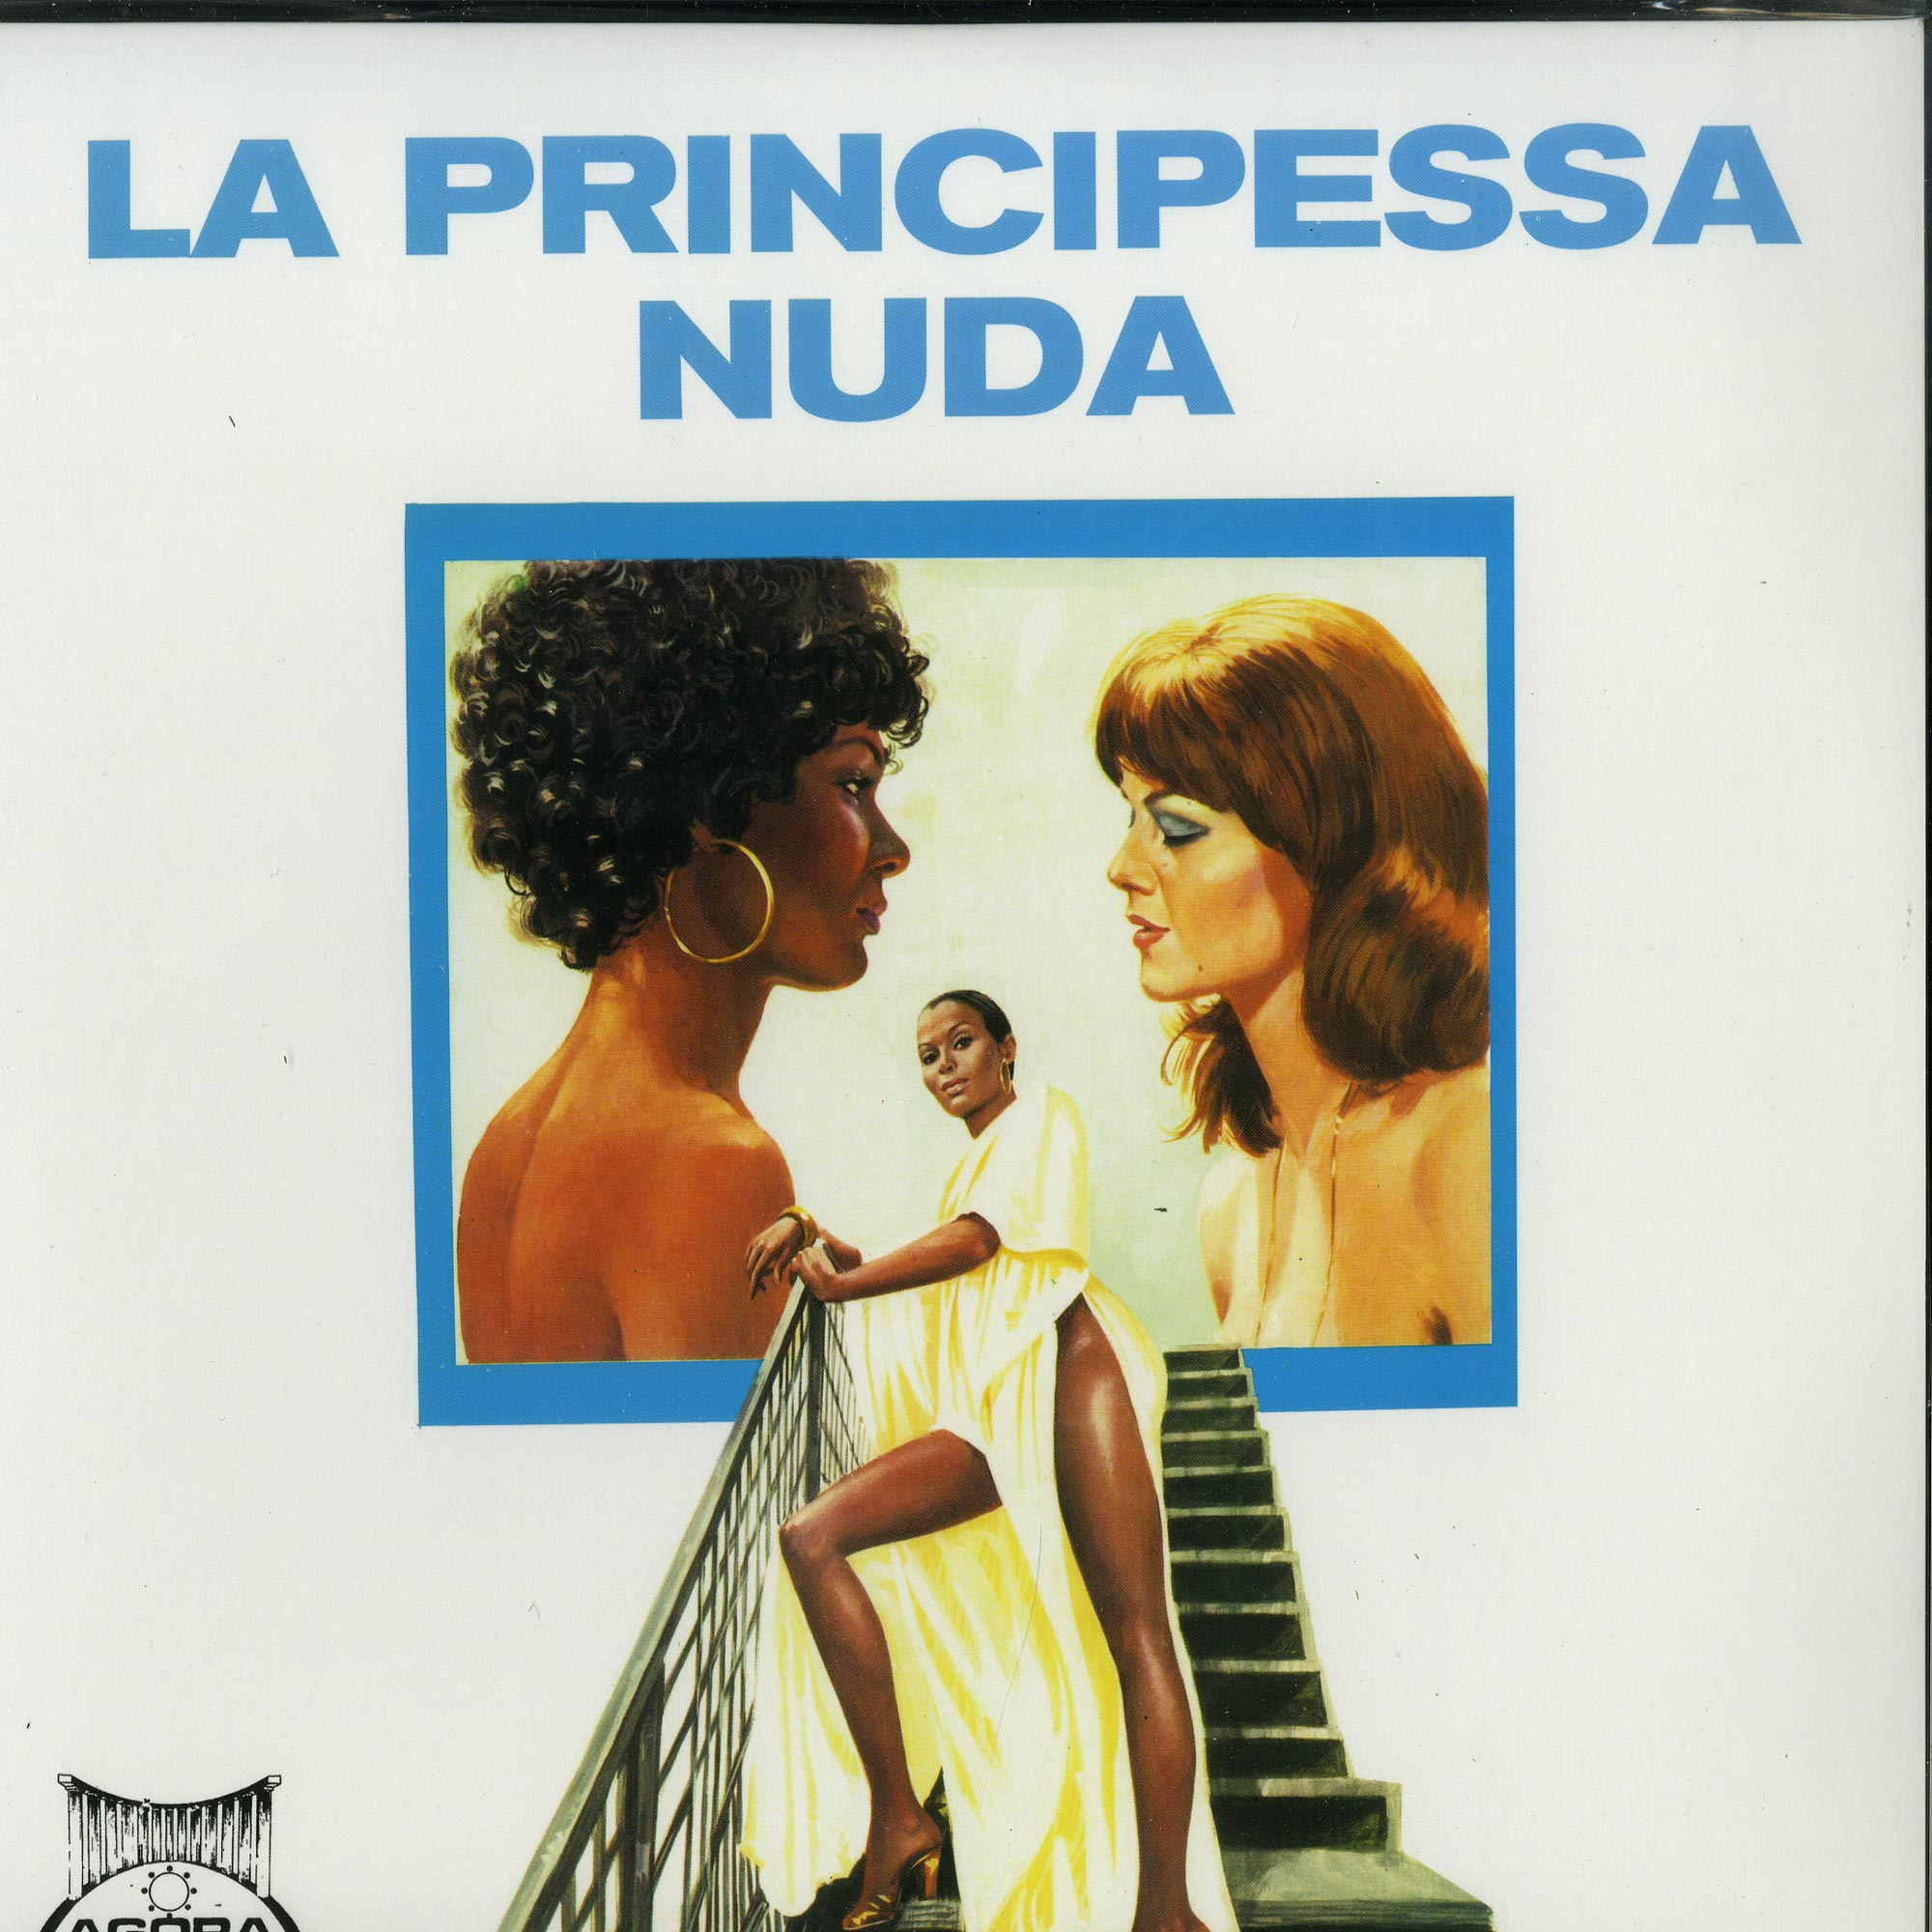 Detto Mariano - LA PRINCIPESSA NUDA O.S.T.